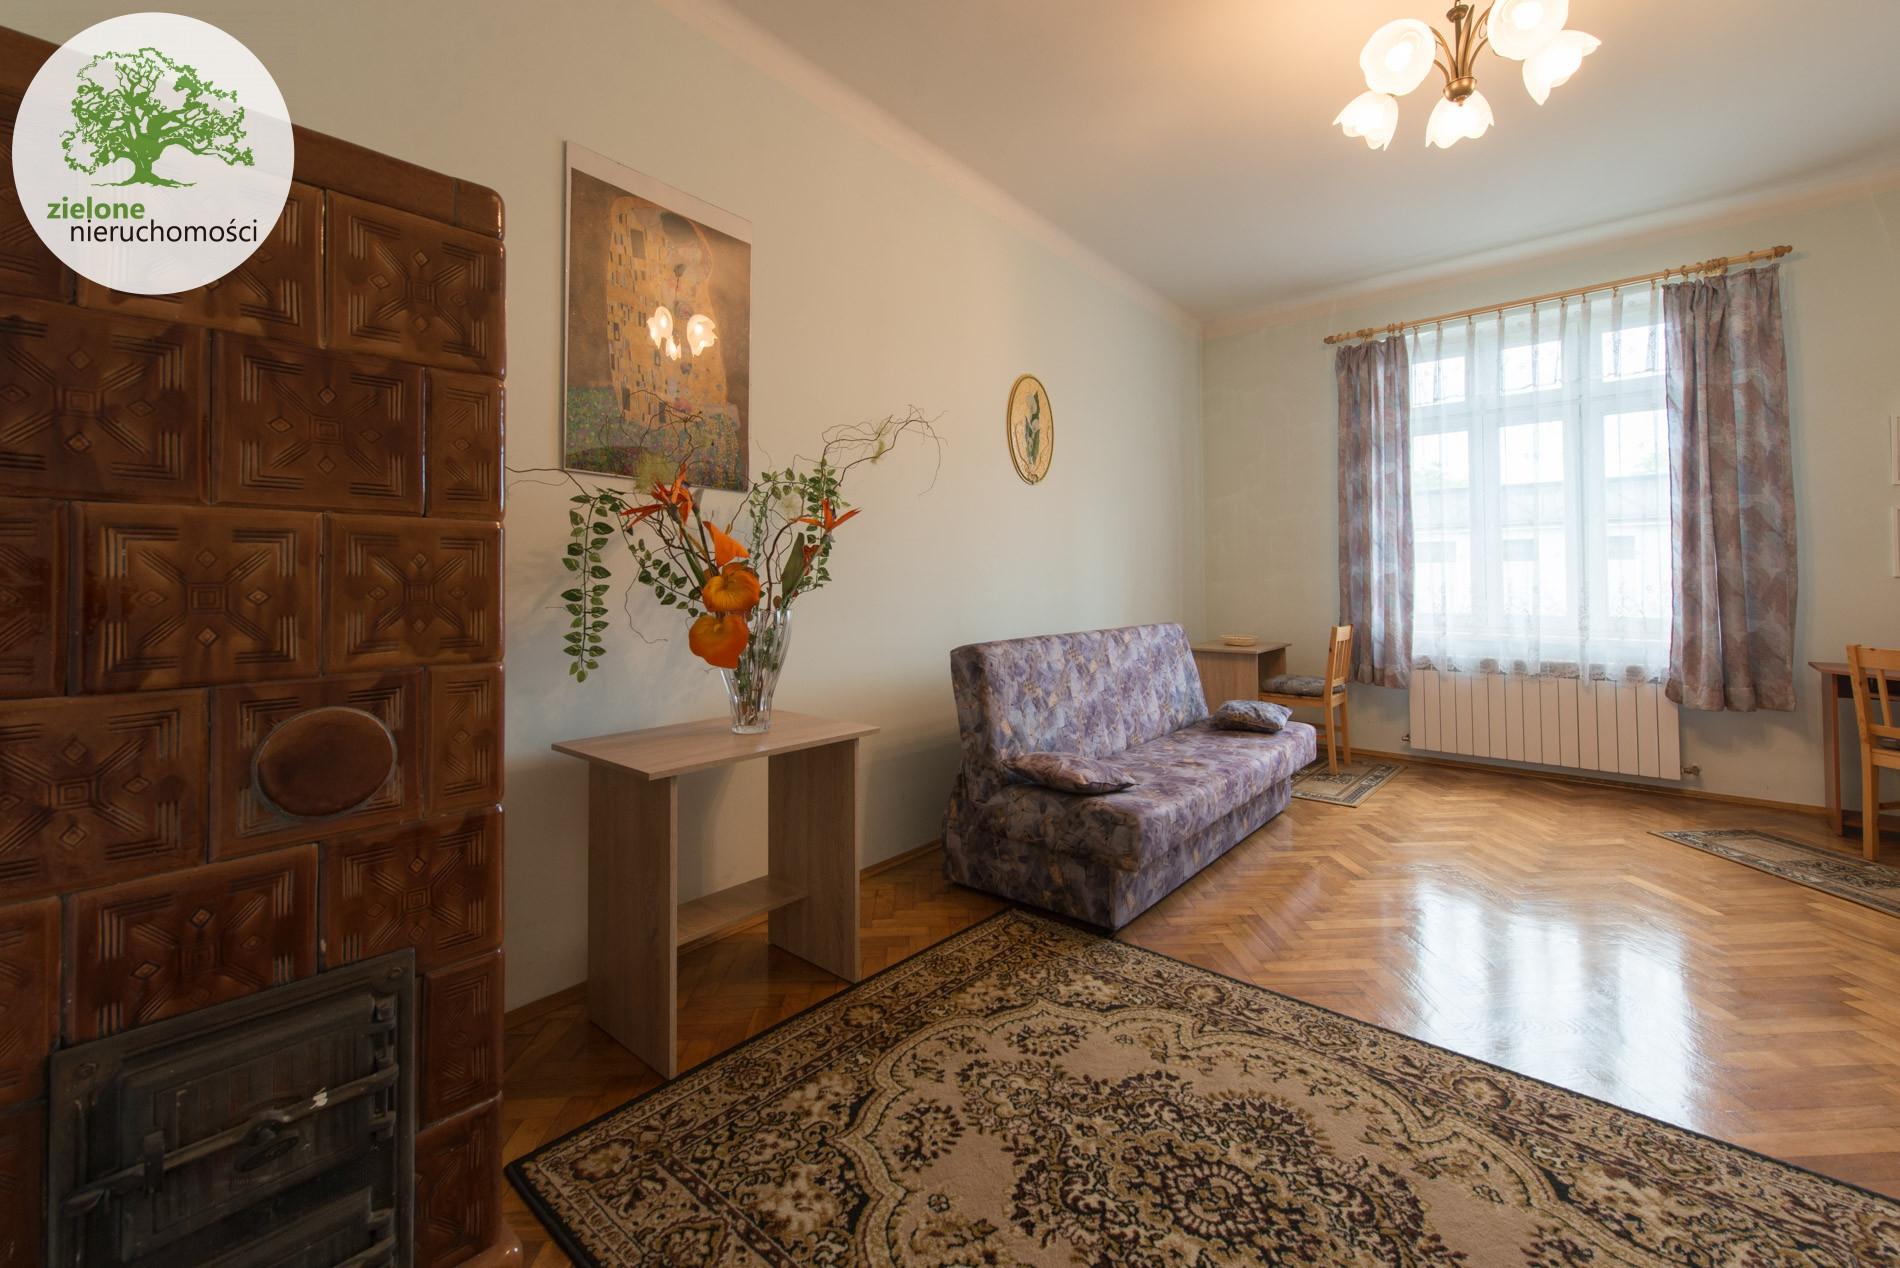 Zdjęcie 6Mieszkanie w kamienicy, w pobliżu Sfery